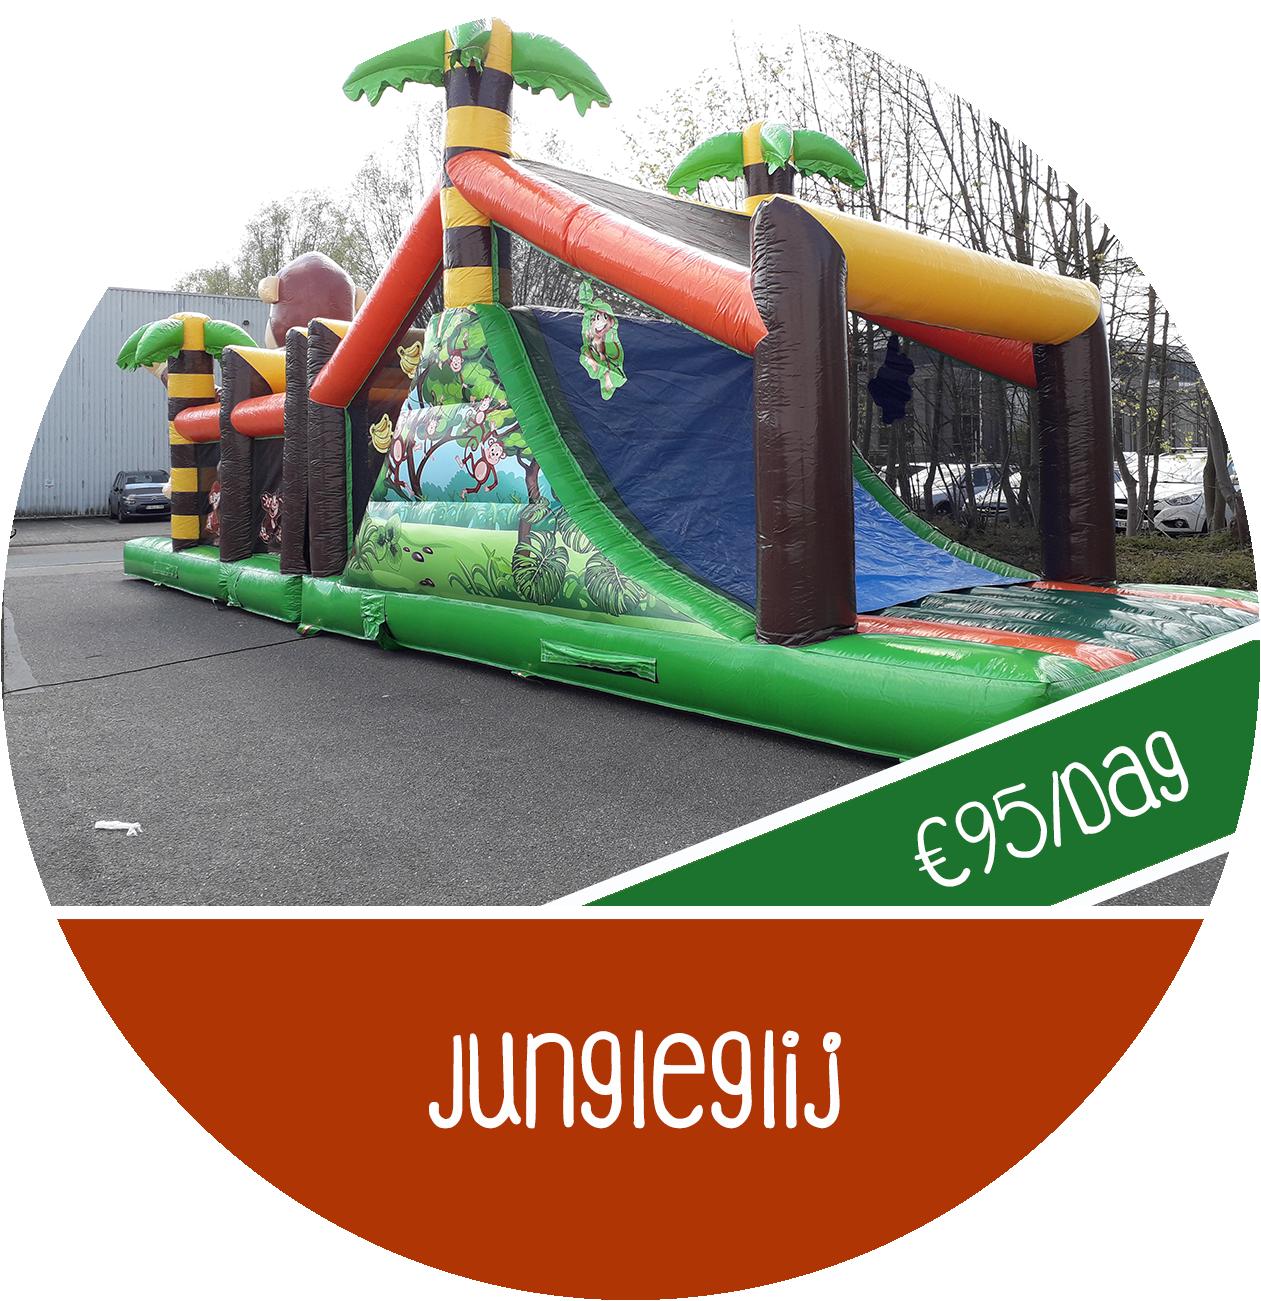 Jungle glij.jpg